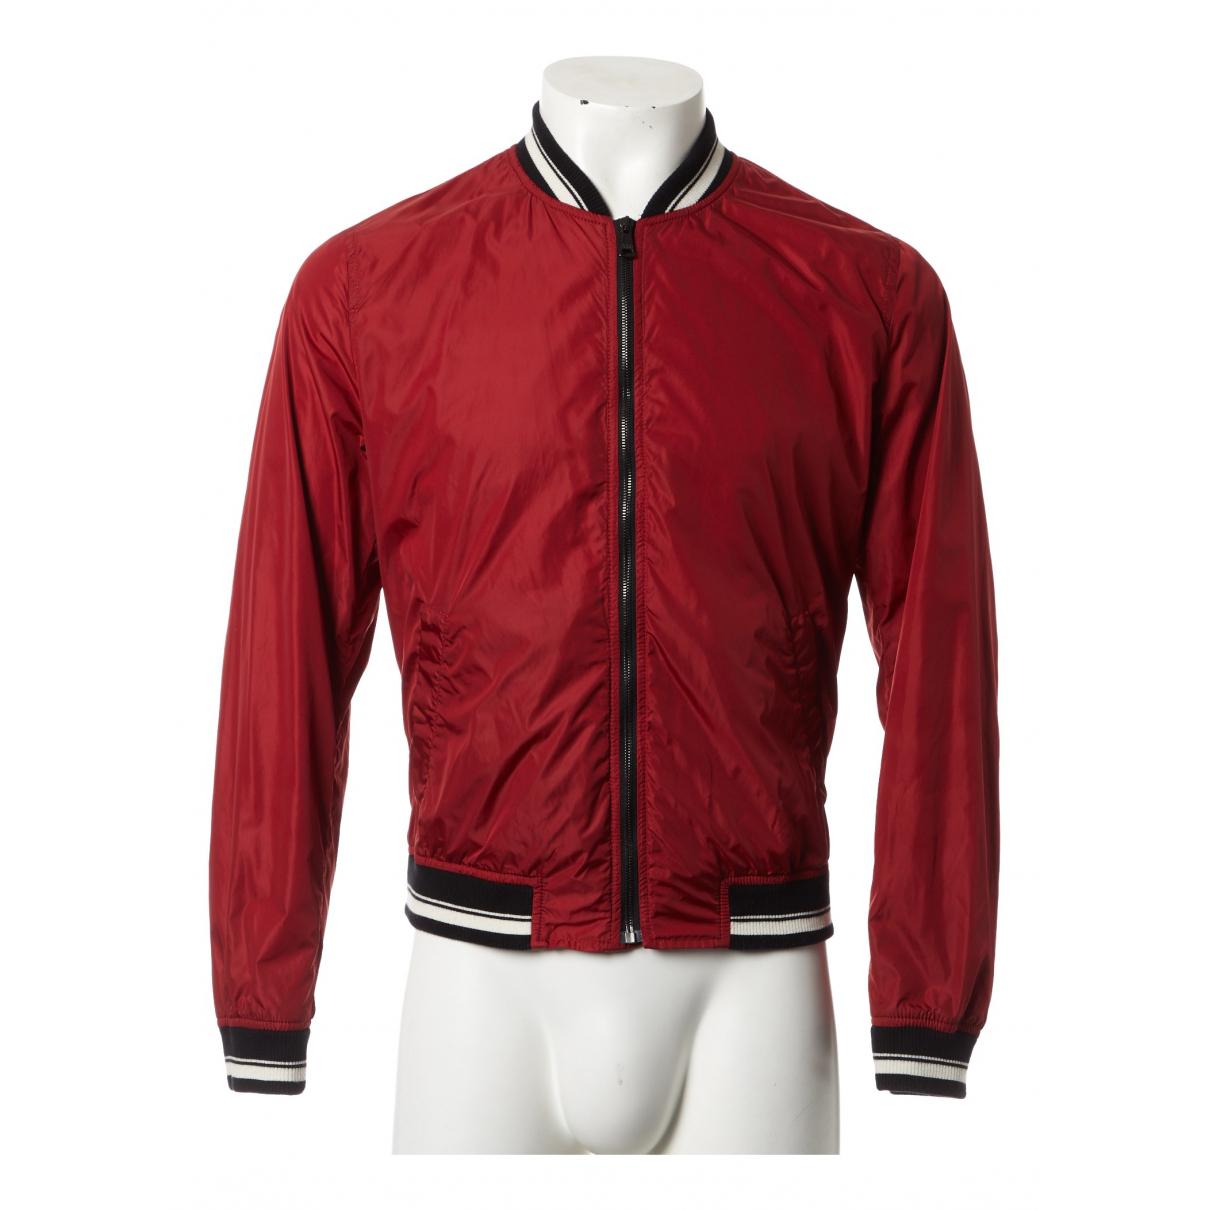 Dolce & Gabbana - Vestes.Blousons   pour homme - rouge